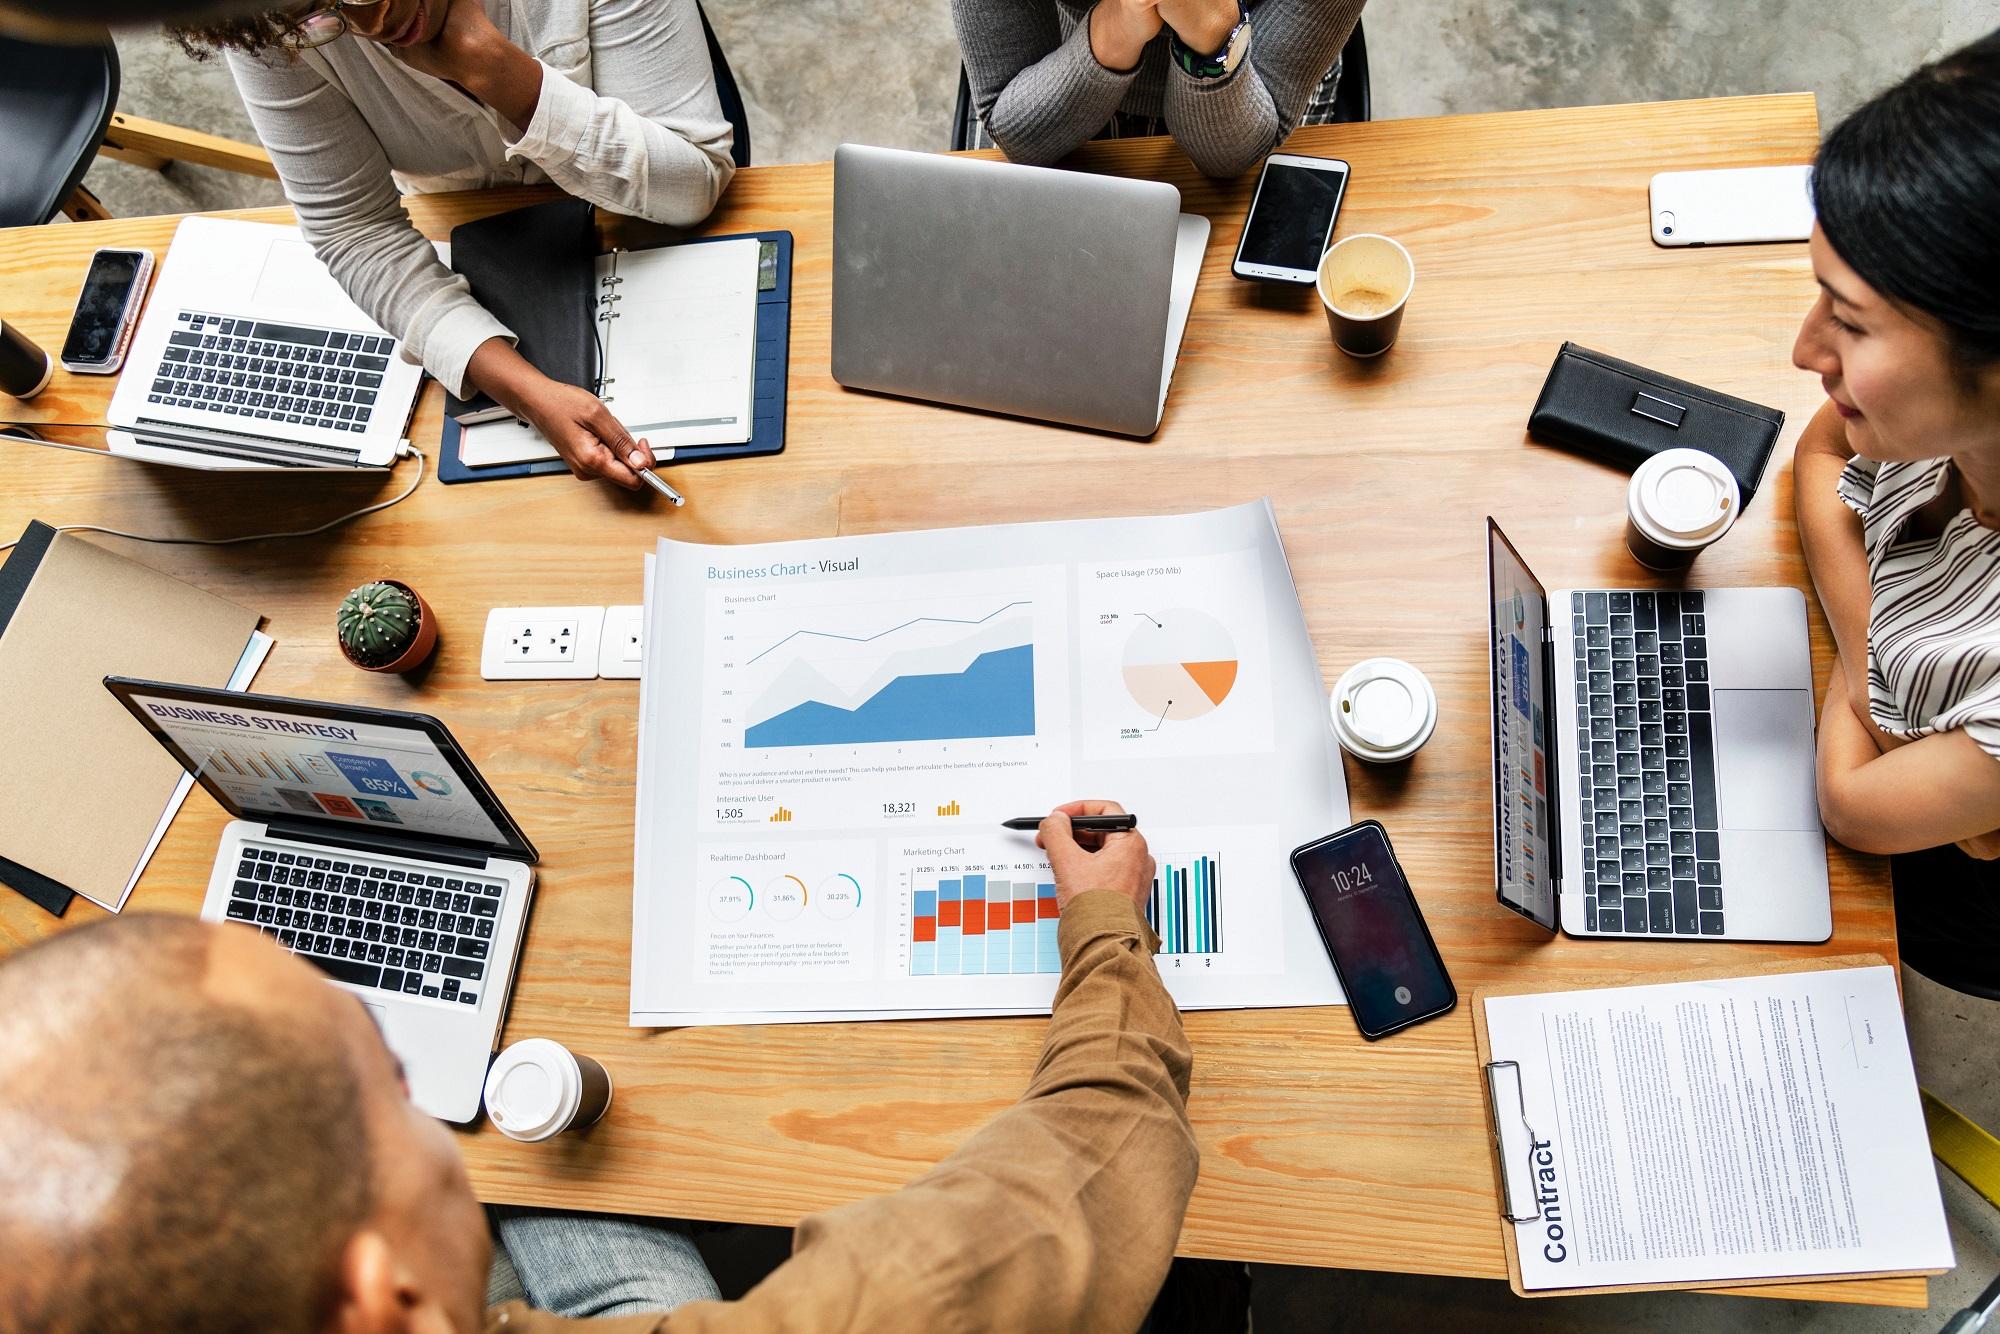 LEDES & UTBMS Codes | UTBMS Billing Coding, Ledes, and Law Firm Data Analytics